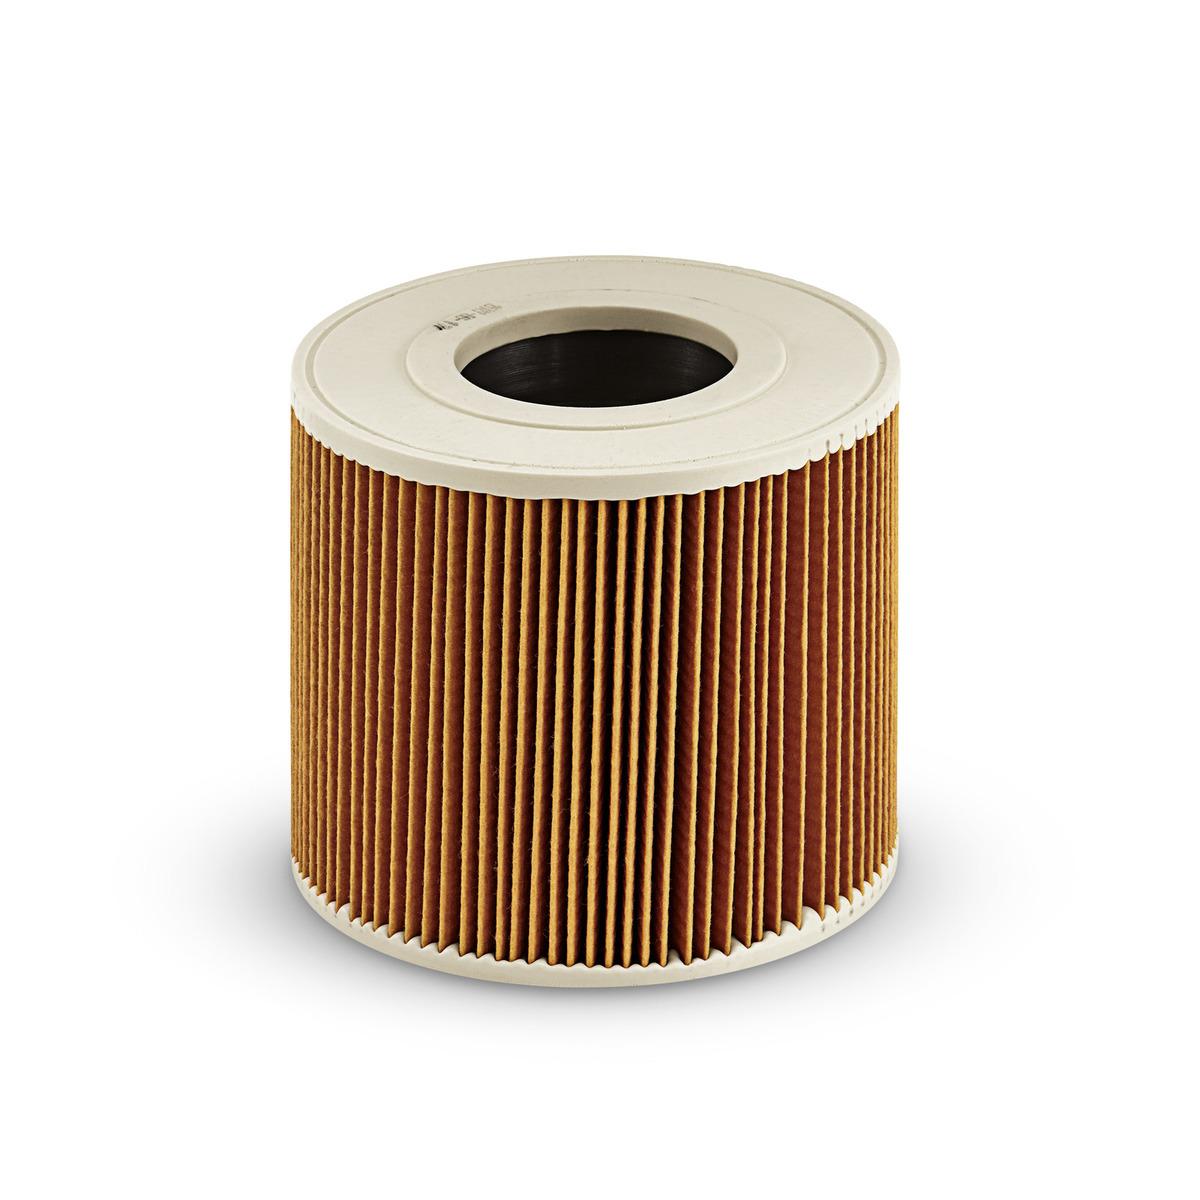 Фильтр патронный Karcher (6.414 789.0) для